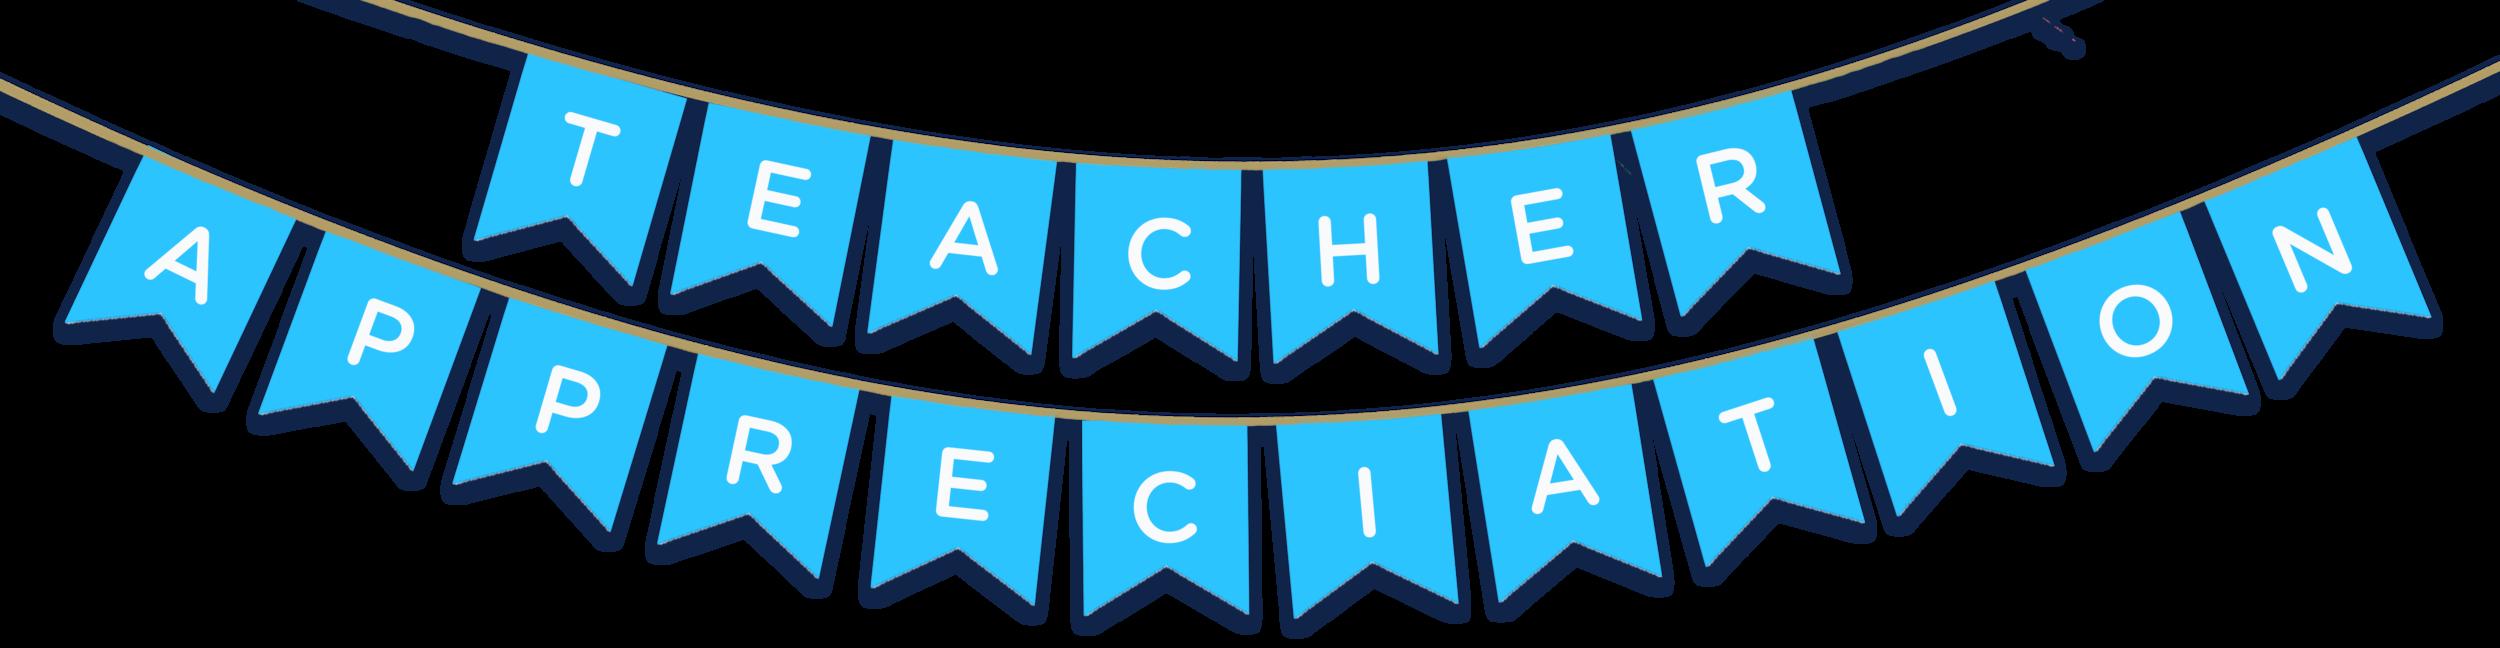 teacher banner.png